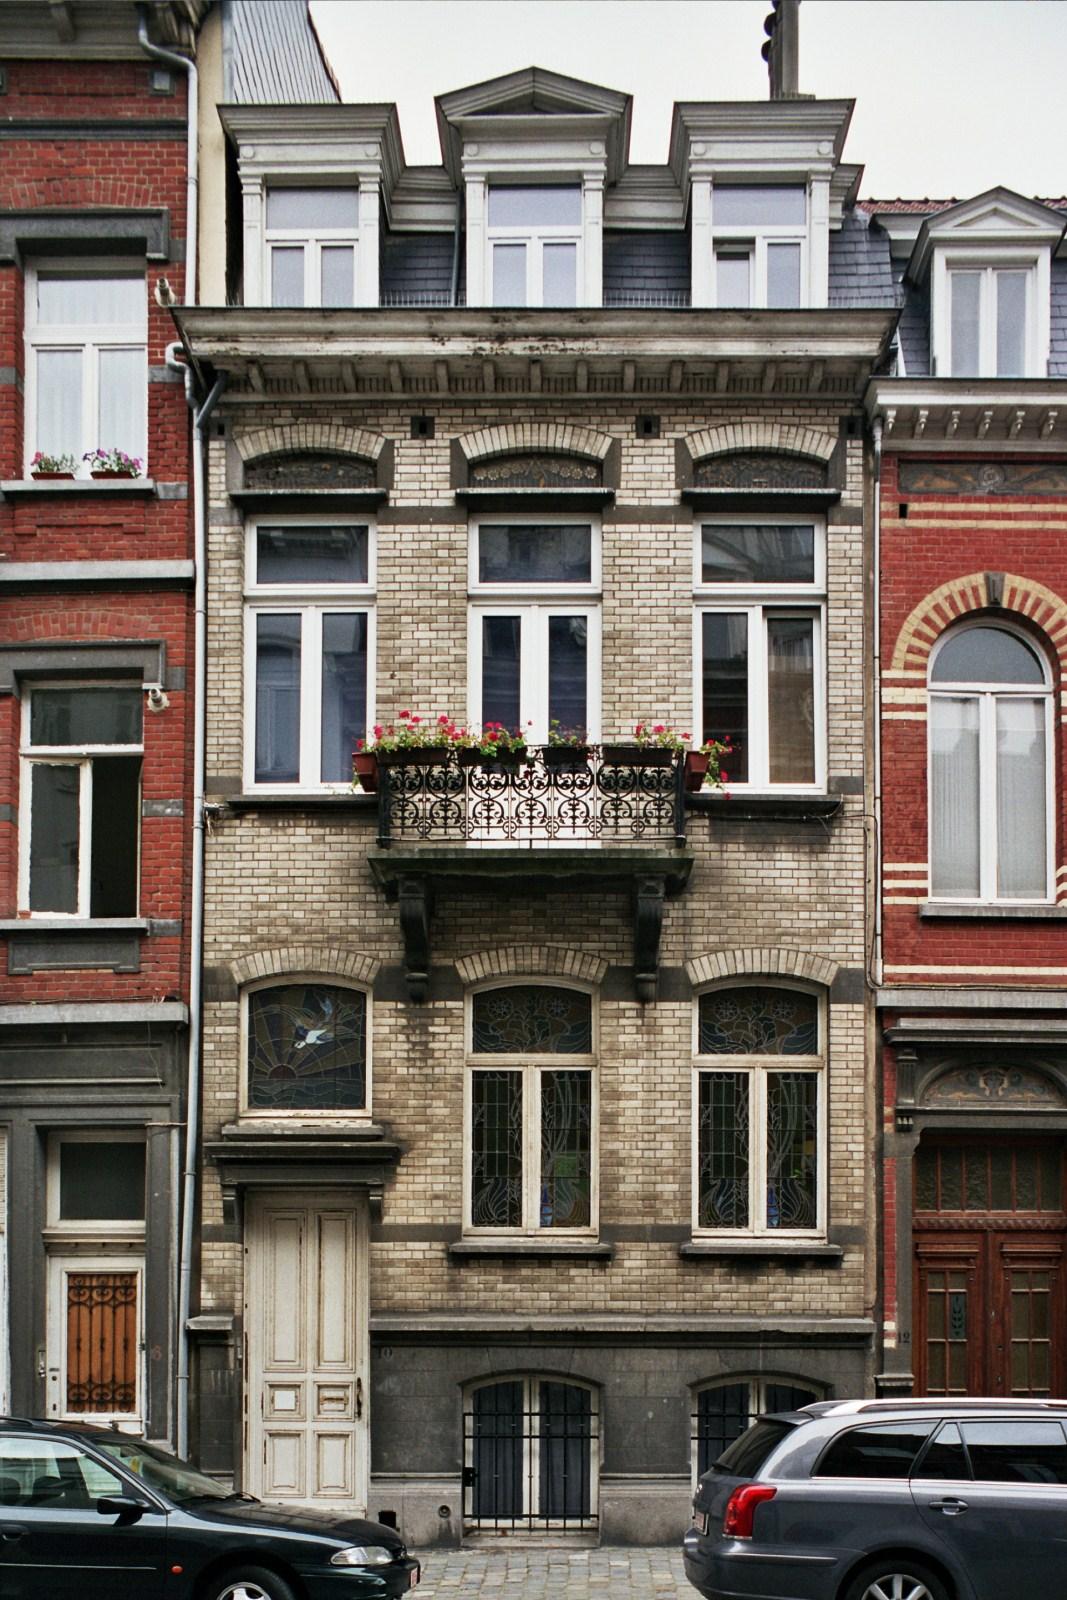 Rue Van Campenhout 10., 2007